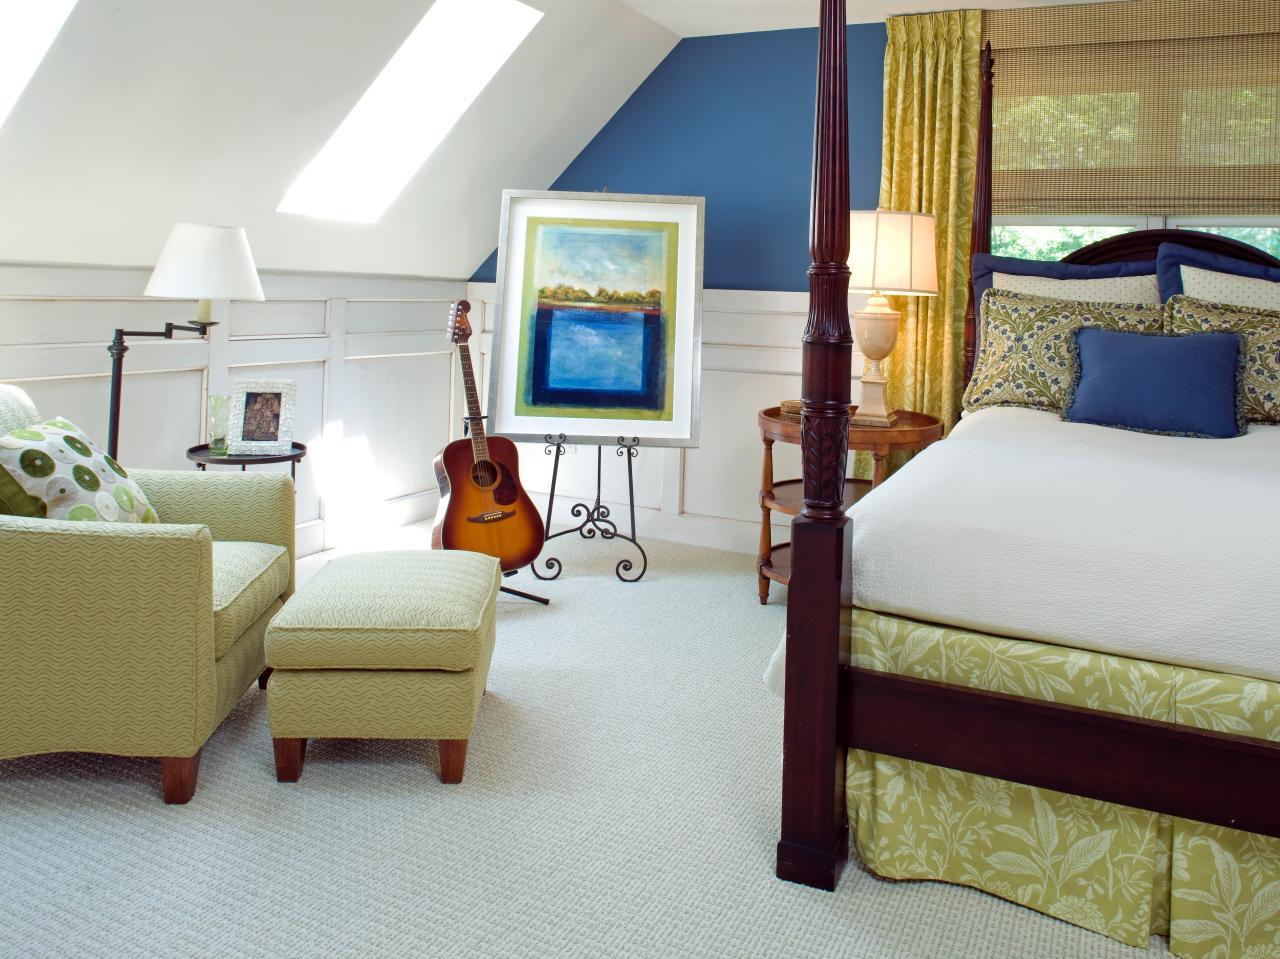 Storage Solutions for Bedroom 5 expert bedroom storage ideas VOLKUBP